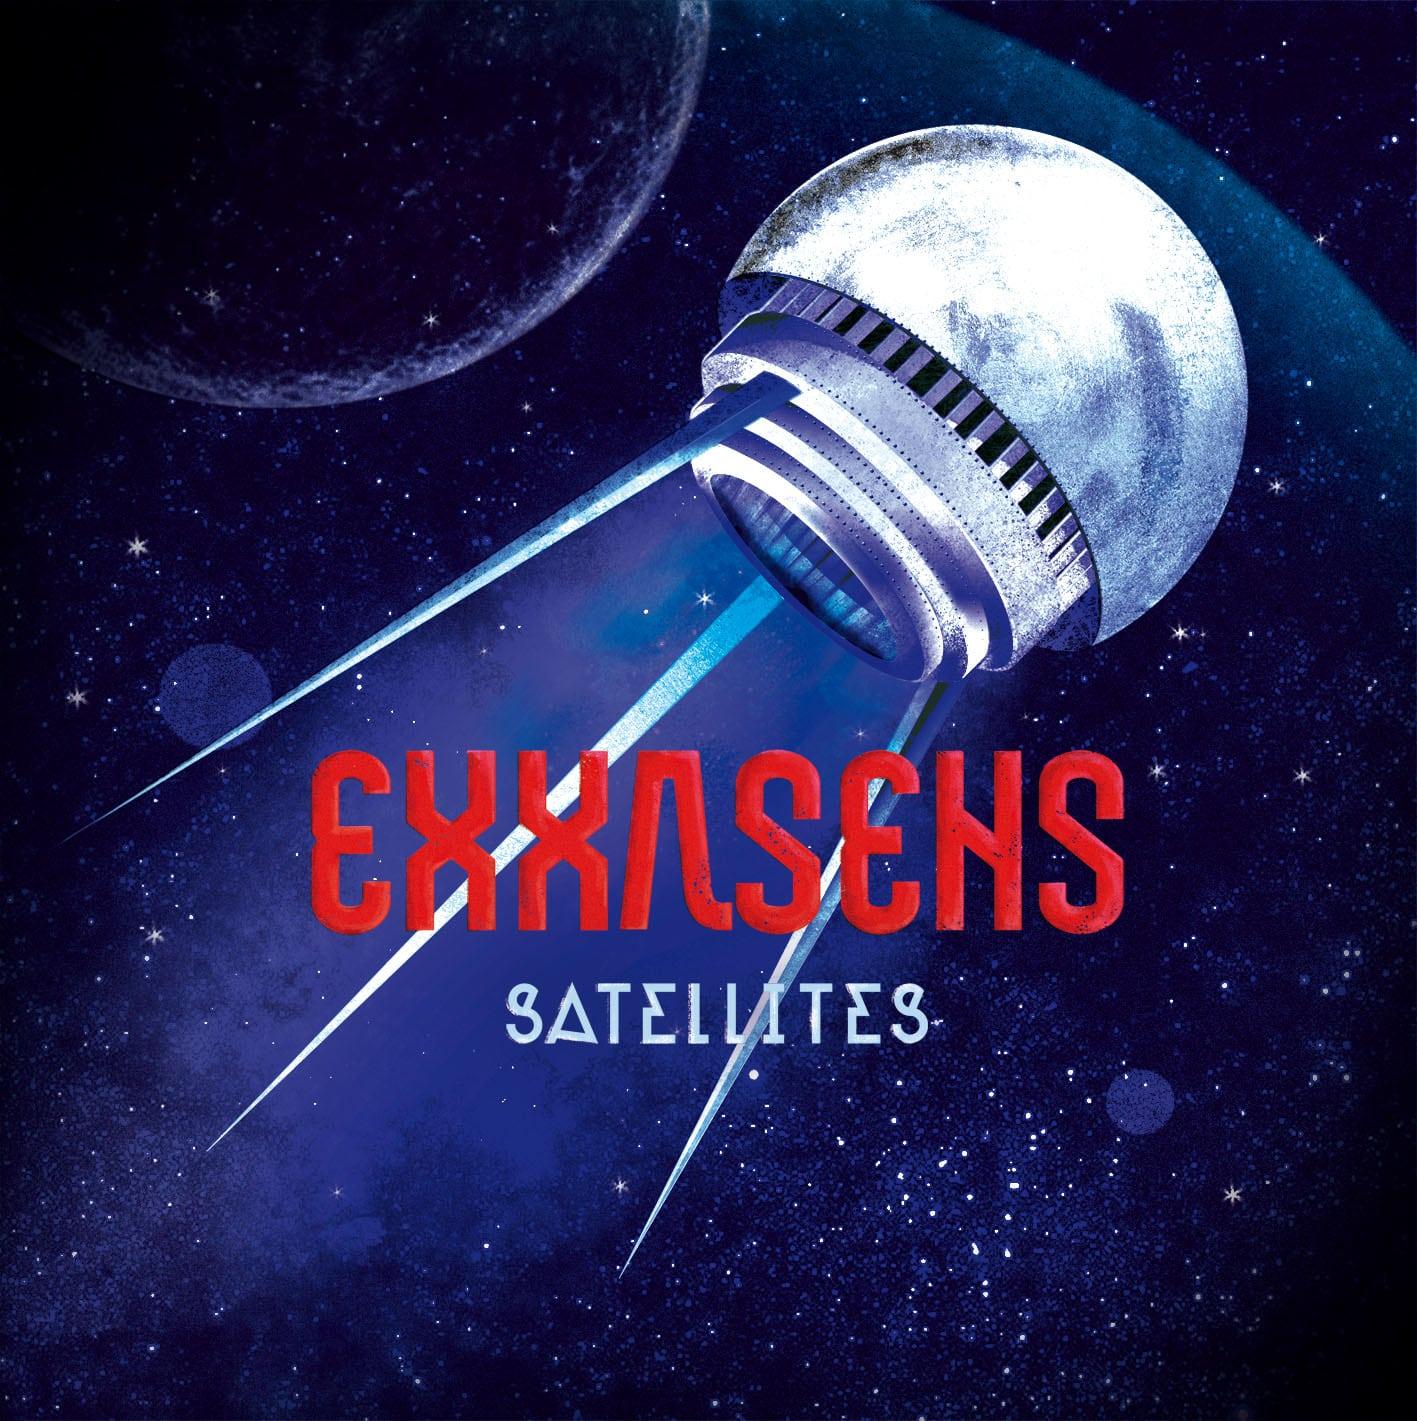 Exxasens Satellites 300rgb